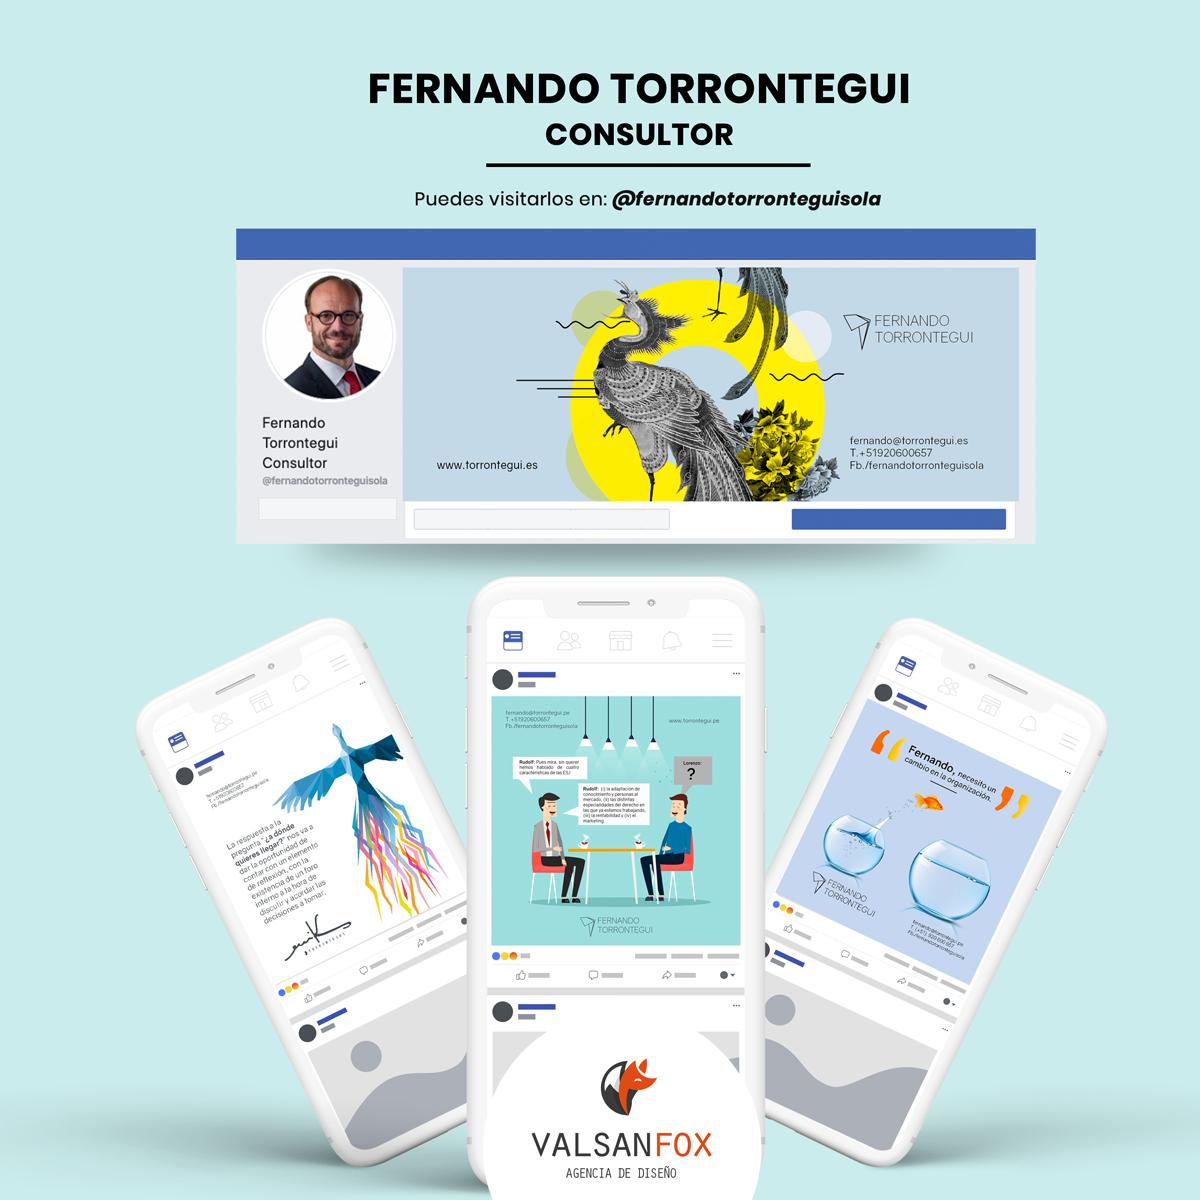 Consultor- valsanfox- redes sociales